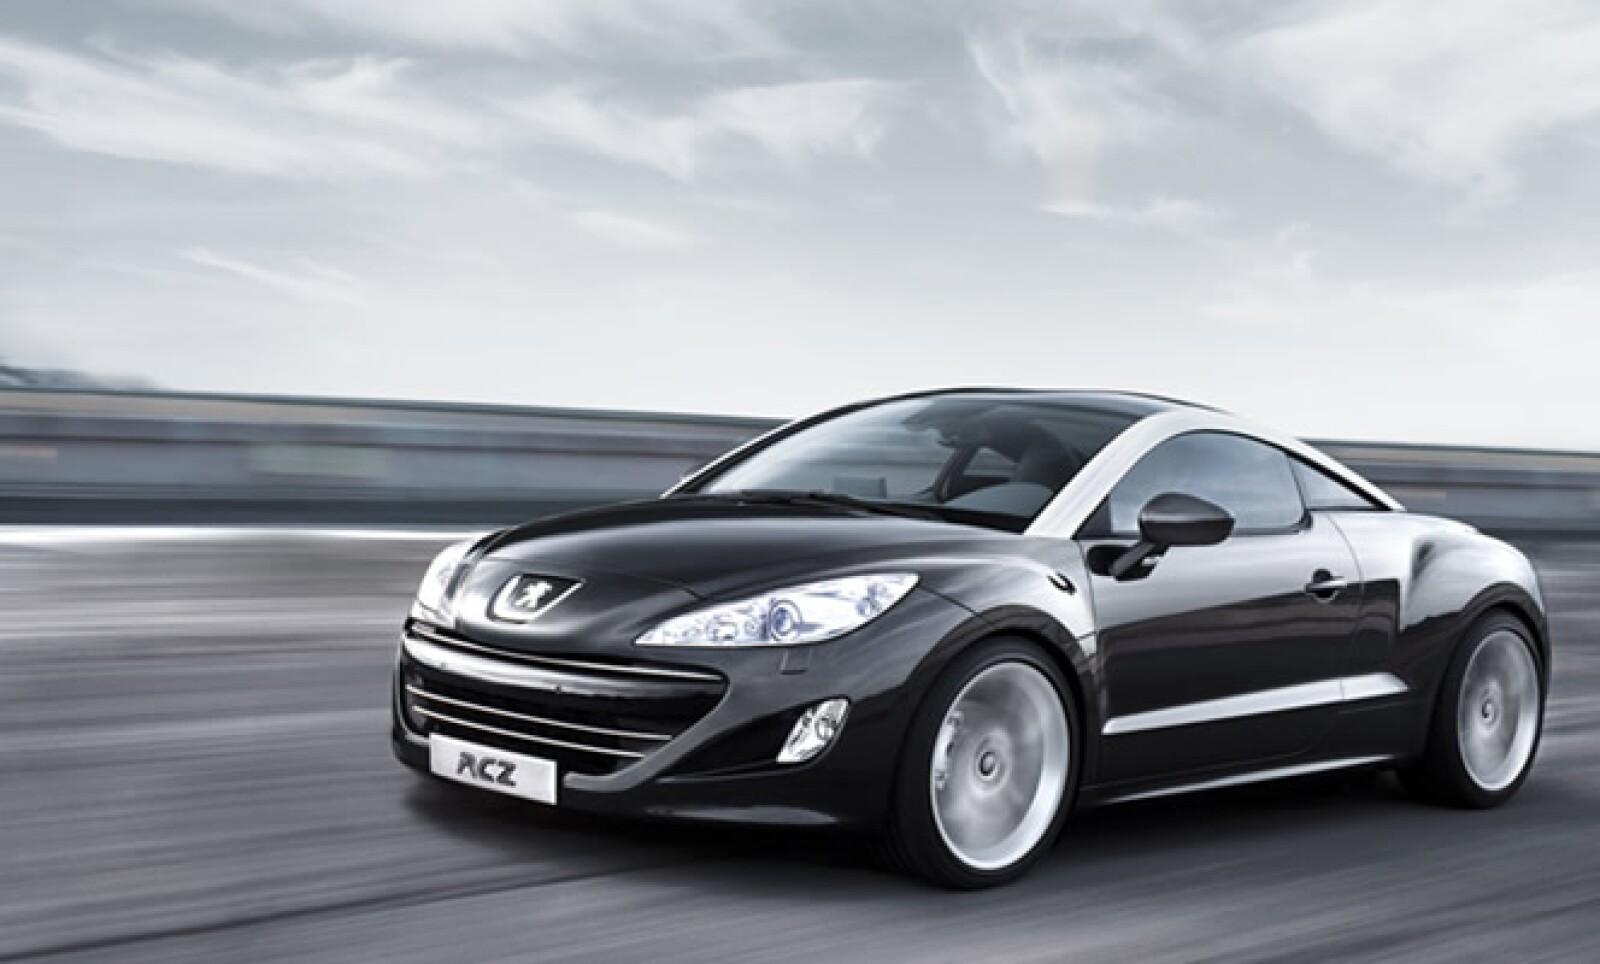 La firma automotriz francesa Peugeot presentó su nuevo modelo deportivo RCZ, después de haber exhibido el modelo concepto hace 3 años, en el AutoShow de Alemania en 2007.